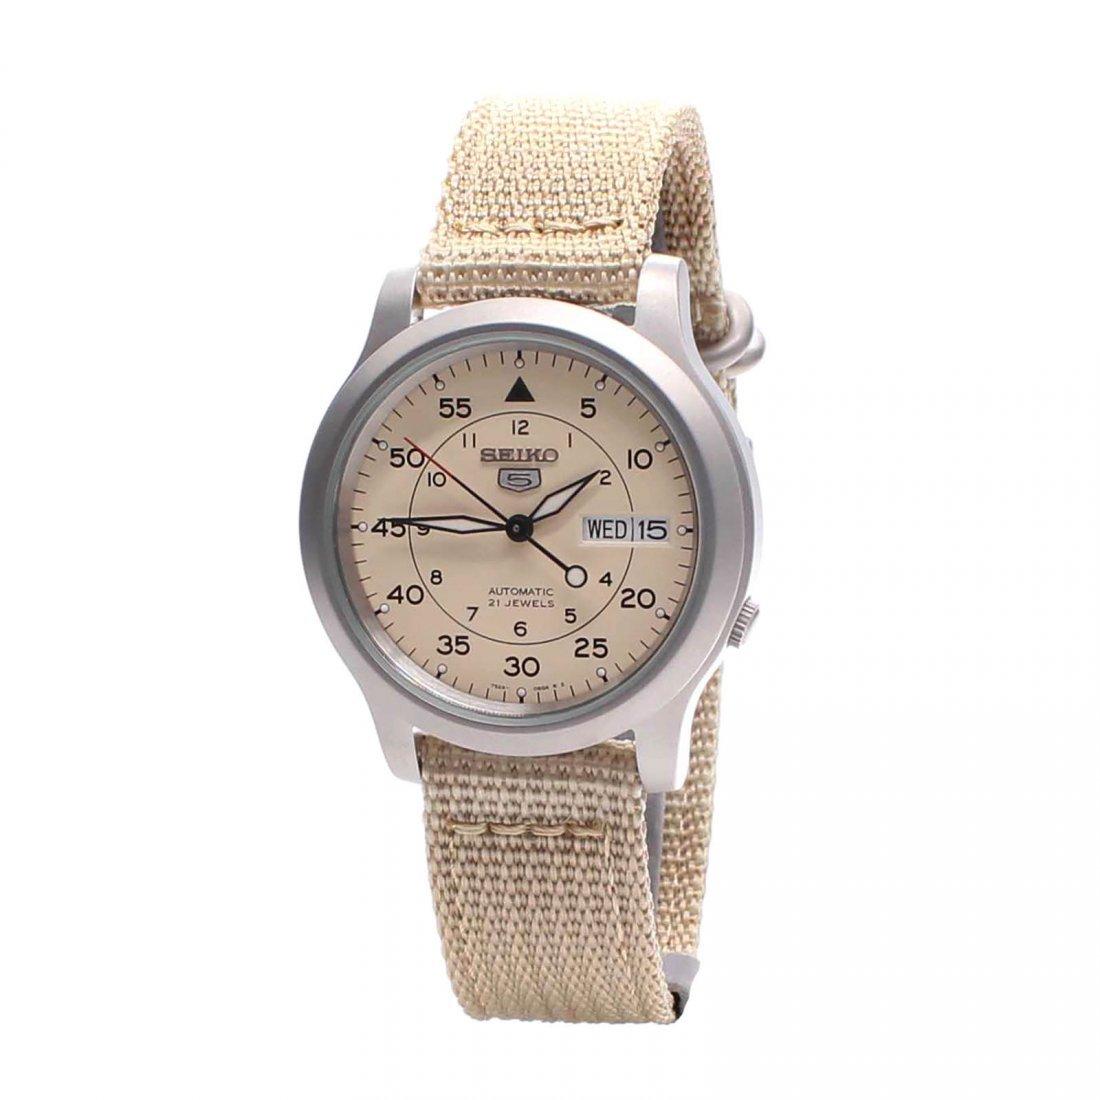 Stylish Sports Seiko Automatic Watch